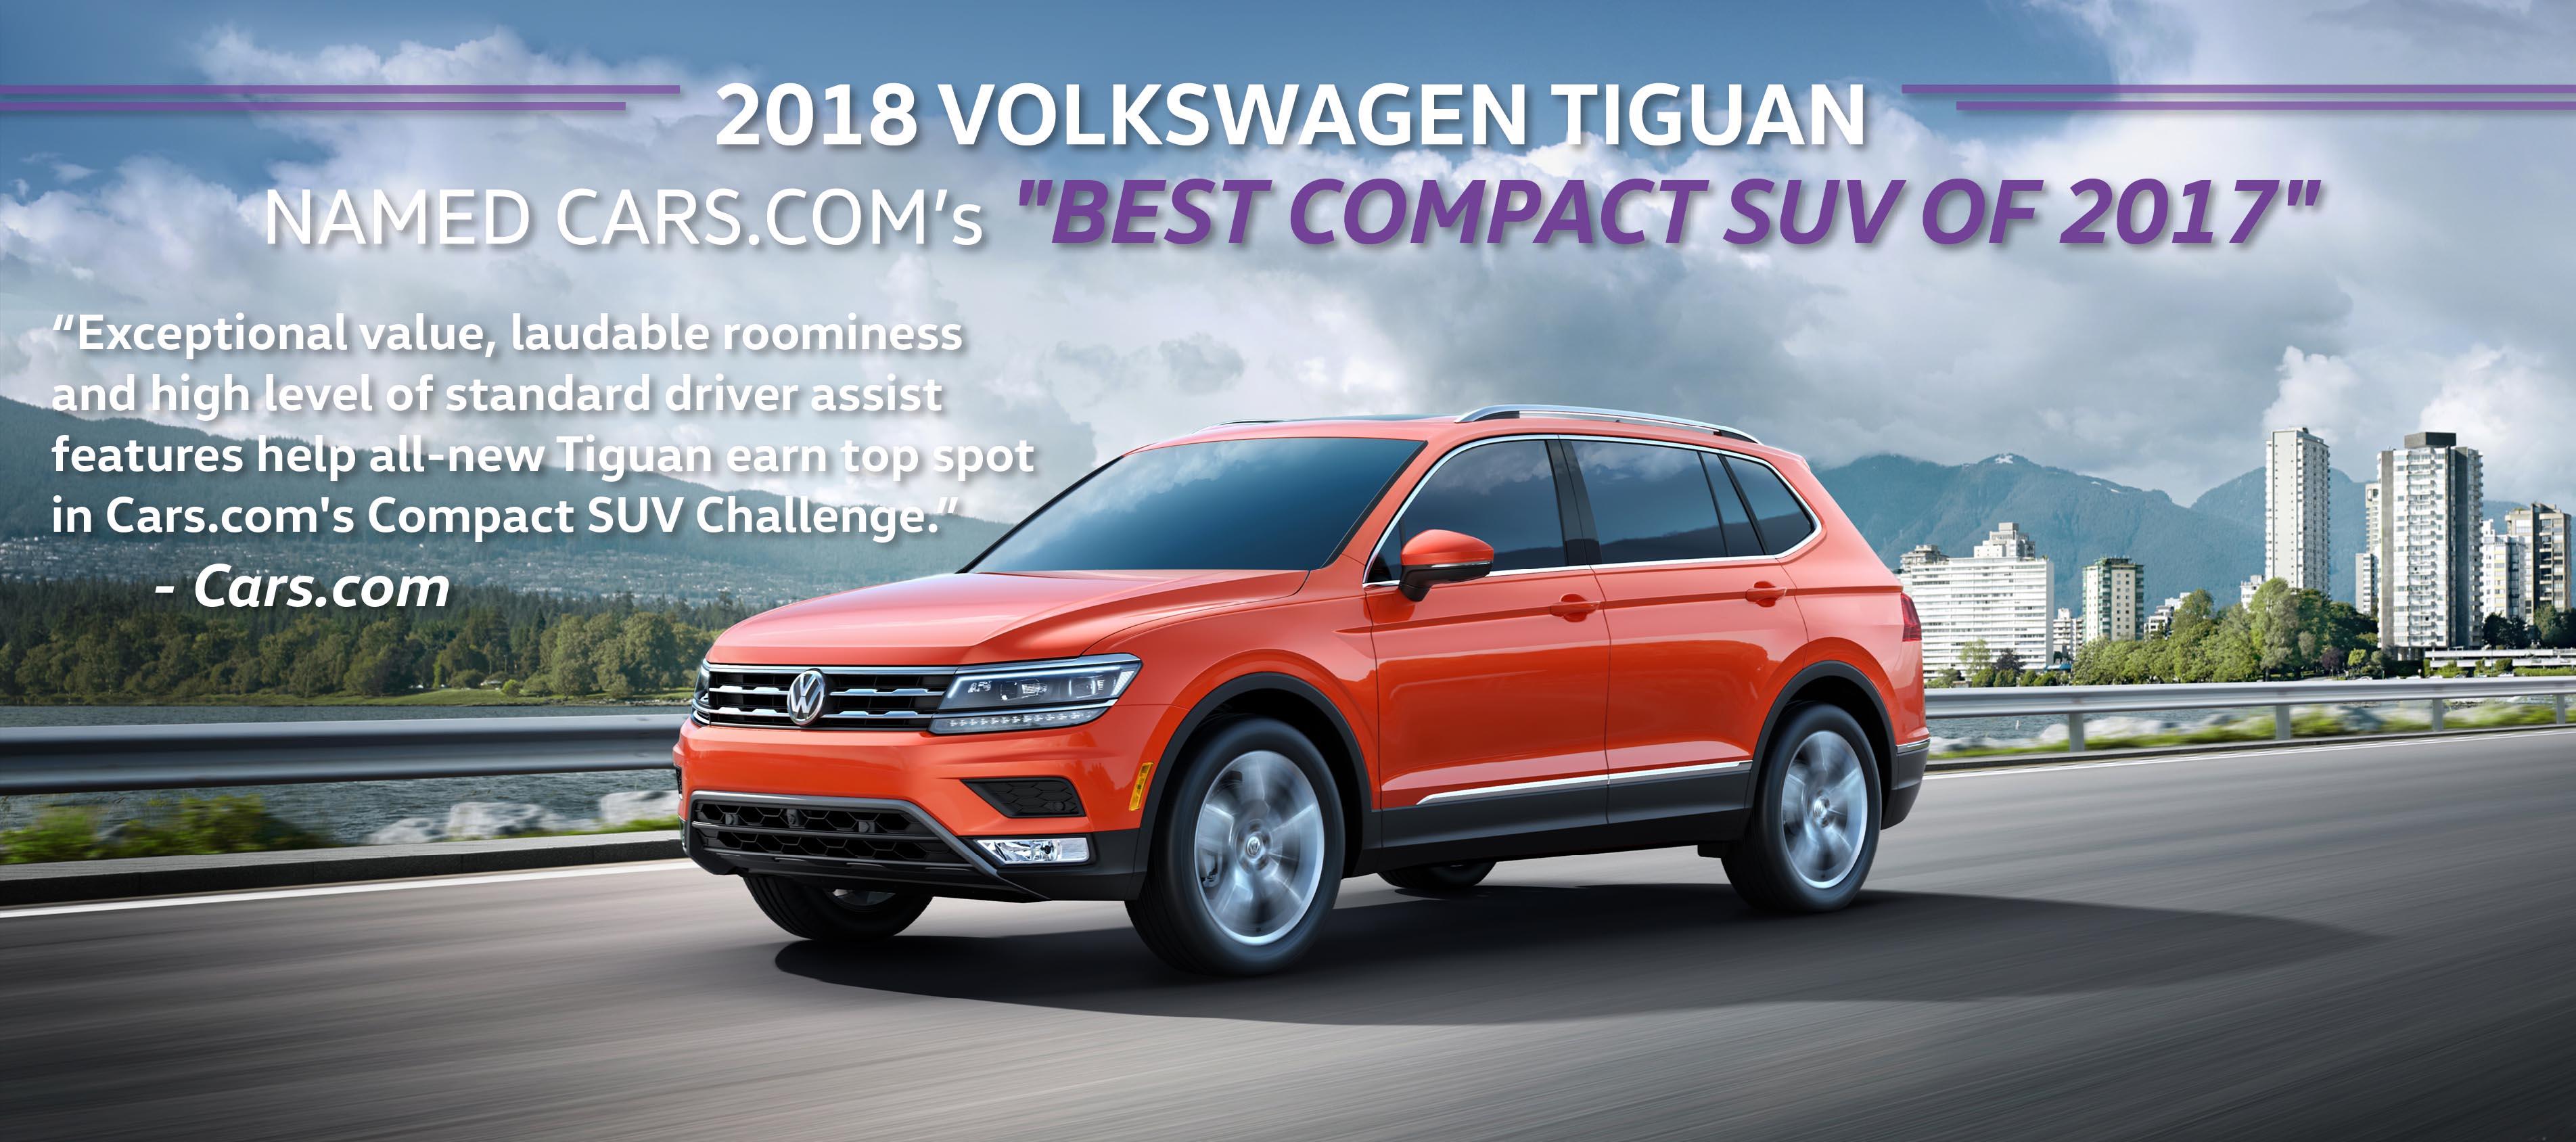 Carolina Volkswagen New Volkswagen Dealership In Charlotte Nc 28227